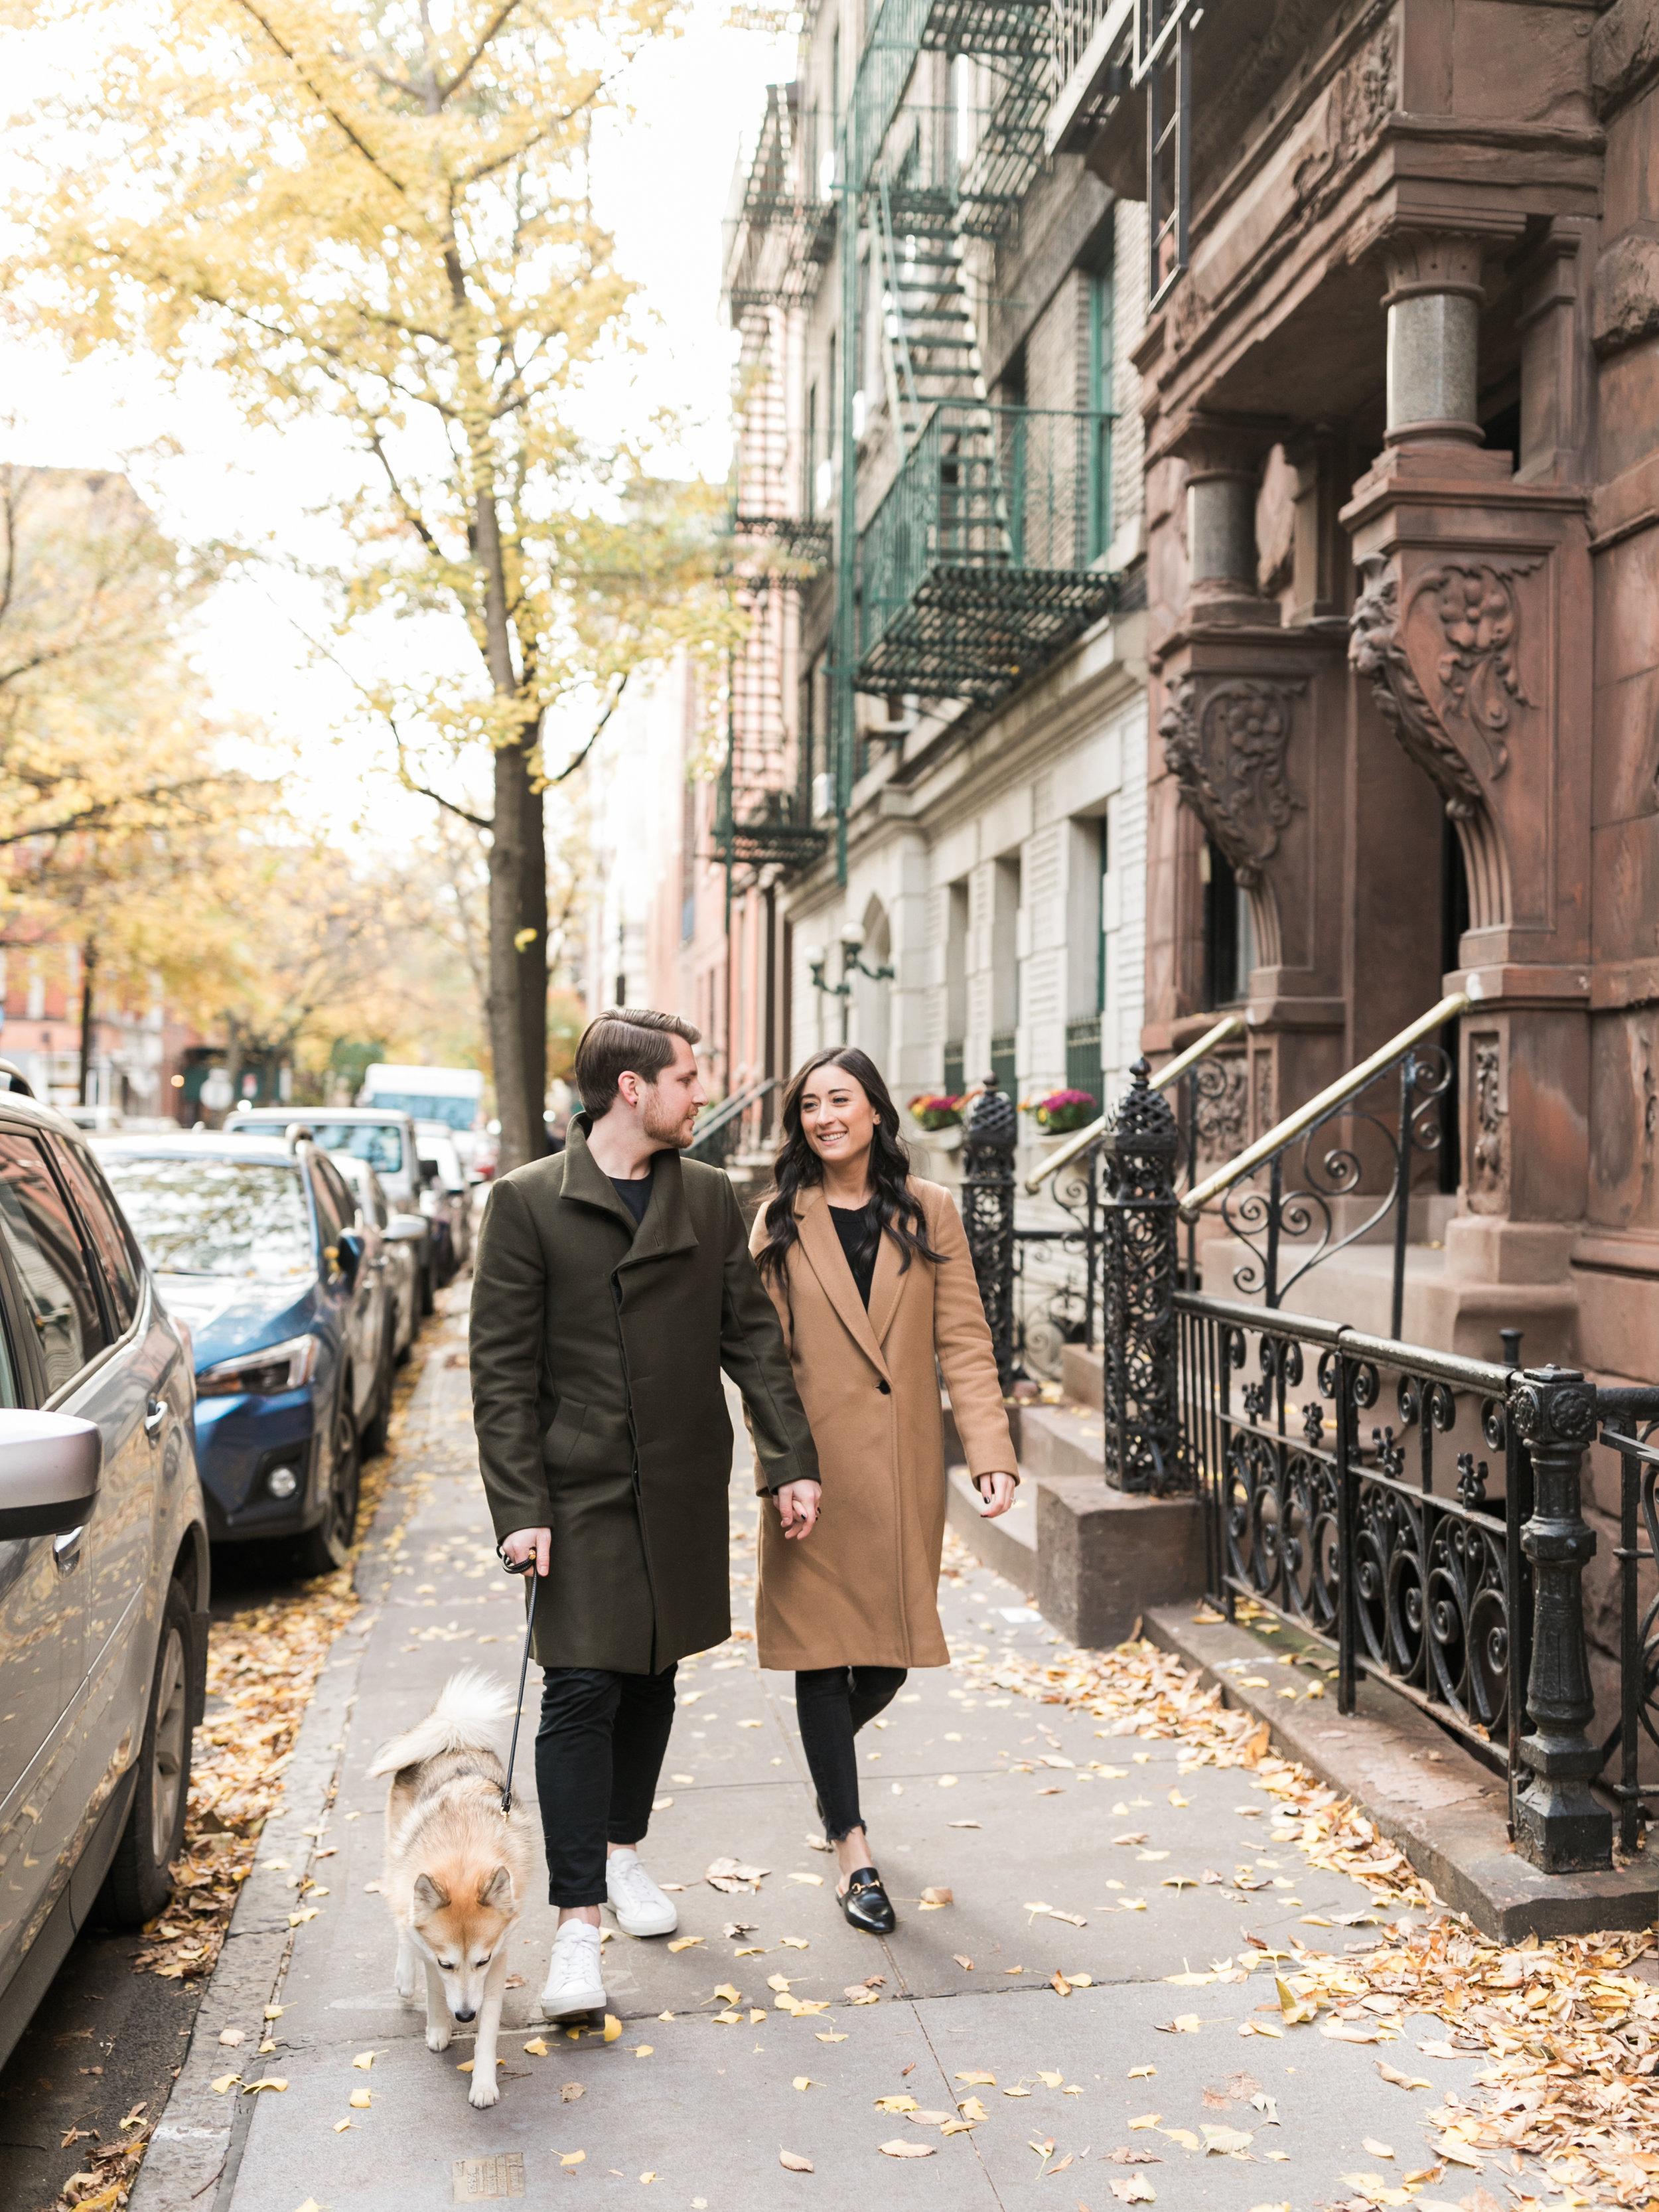 asher-gardner-nyc-engagement-6.jpg